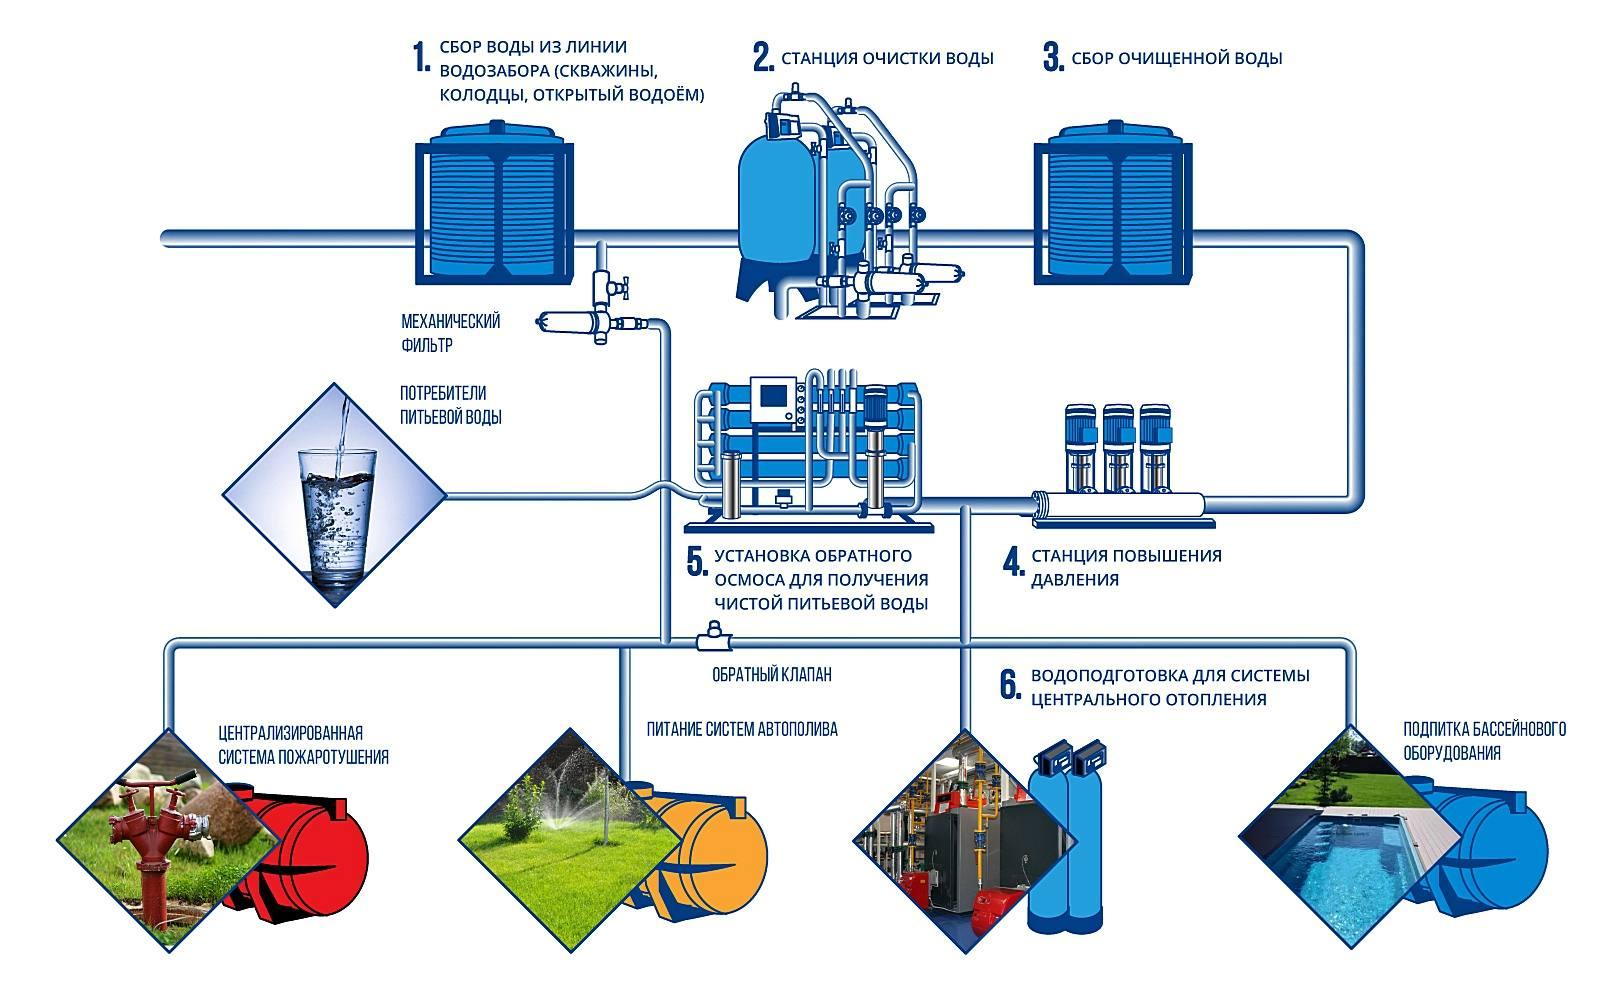 Схема системы очистки воды в гостинице